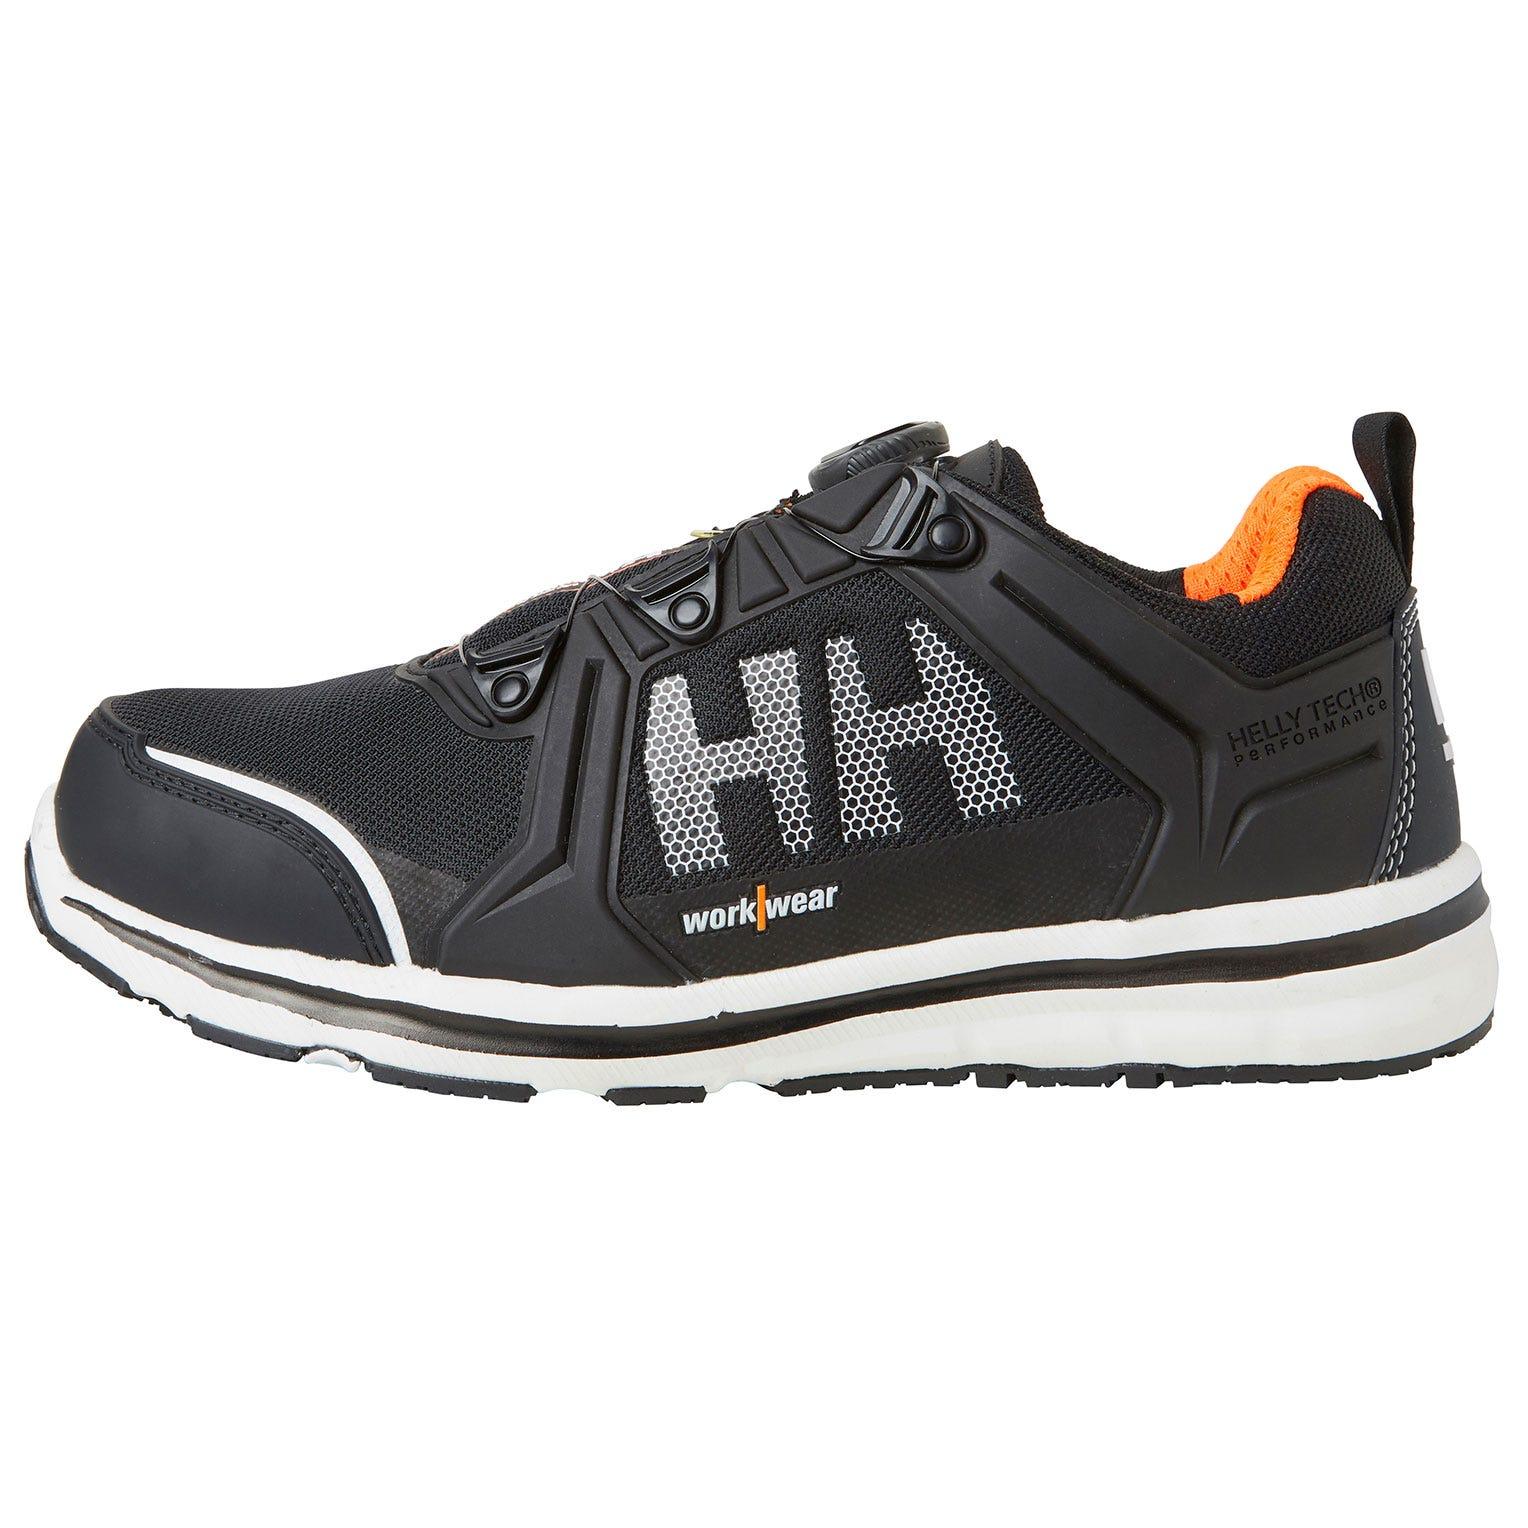 HH Workwear Workwear Helly Hansen Scarpa Antinfortunistica Oslo Certificata S3 Con Punta In Alluminio Allacciatura Boa 40